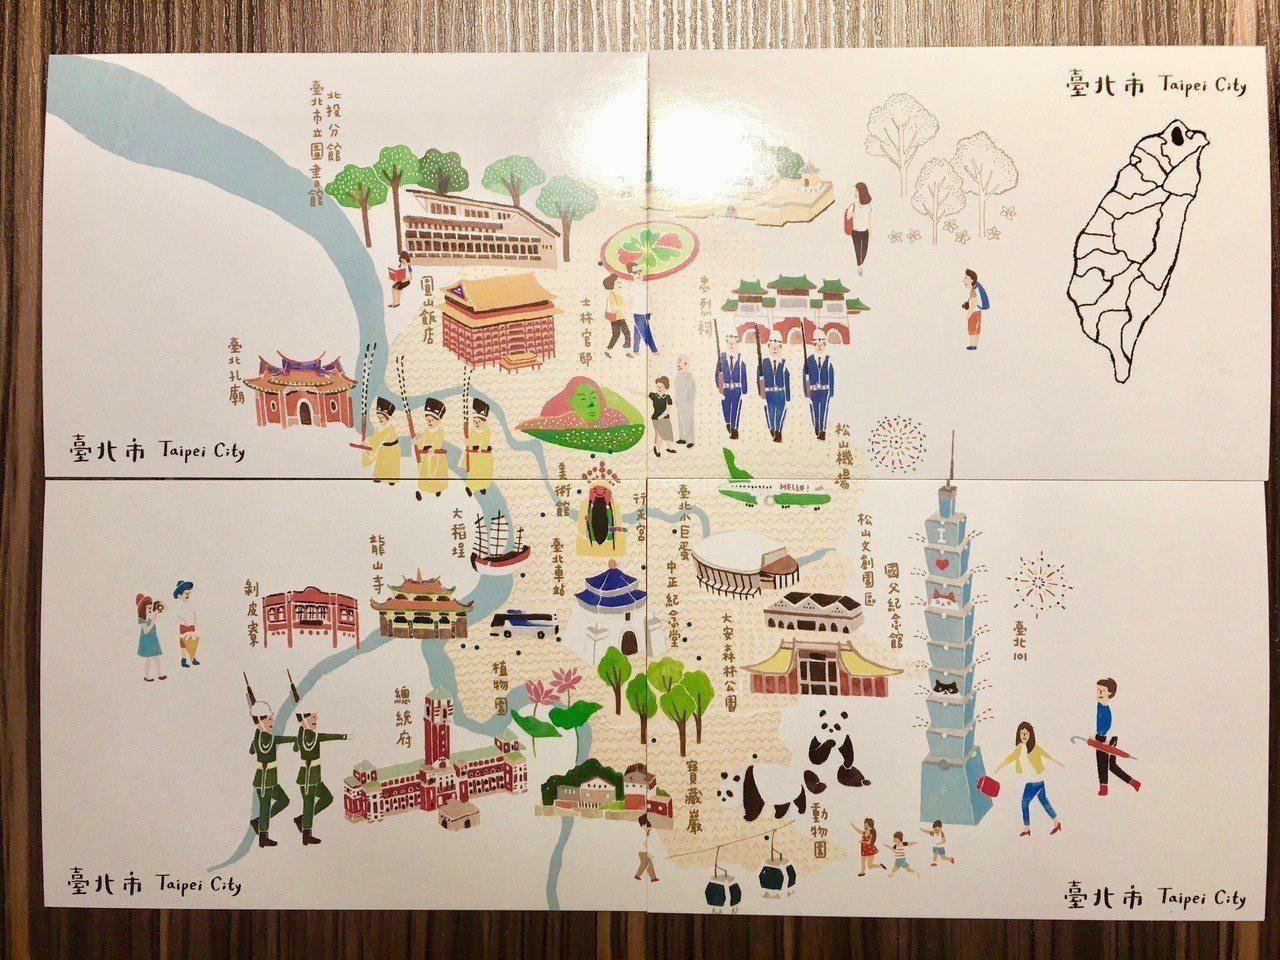 書車也會發送4款「台灣地圖」繪本台北篇的明信片作為紀念品,可拼成台北地圖,每兩周...